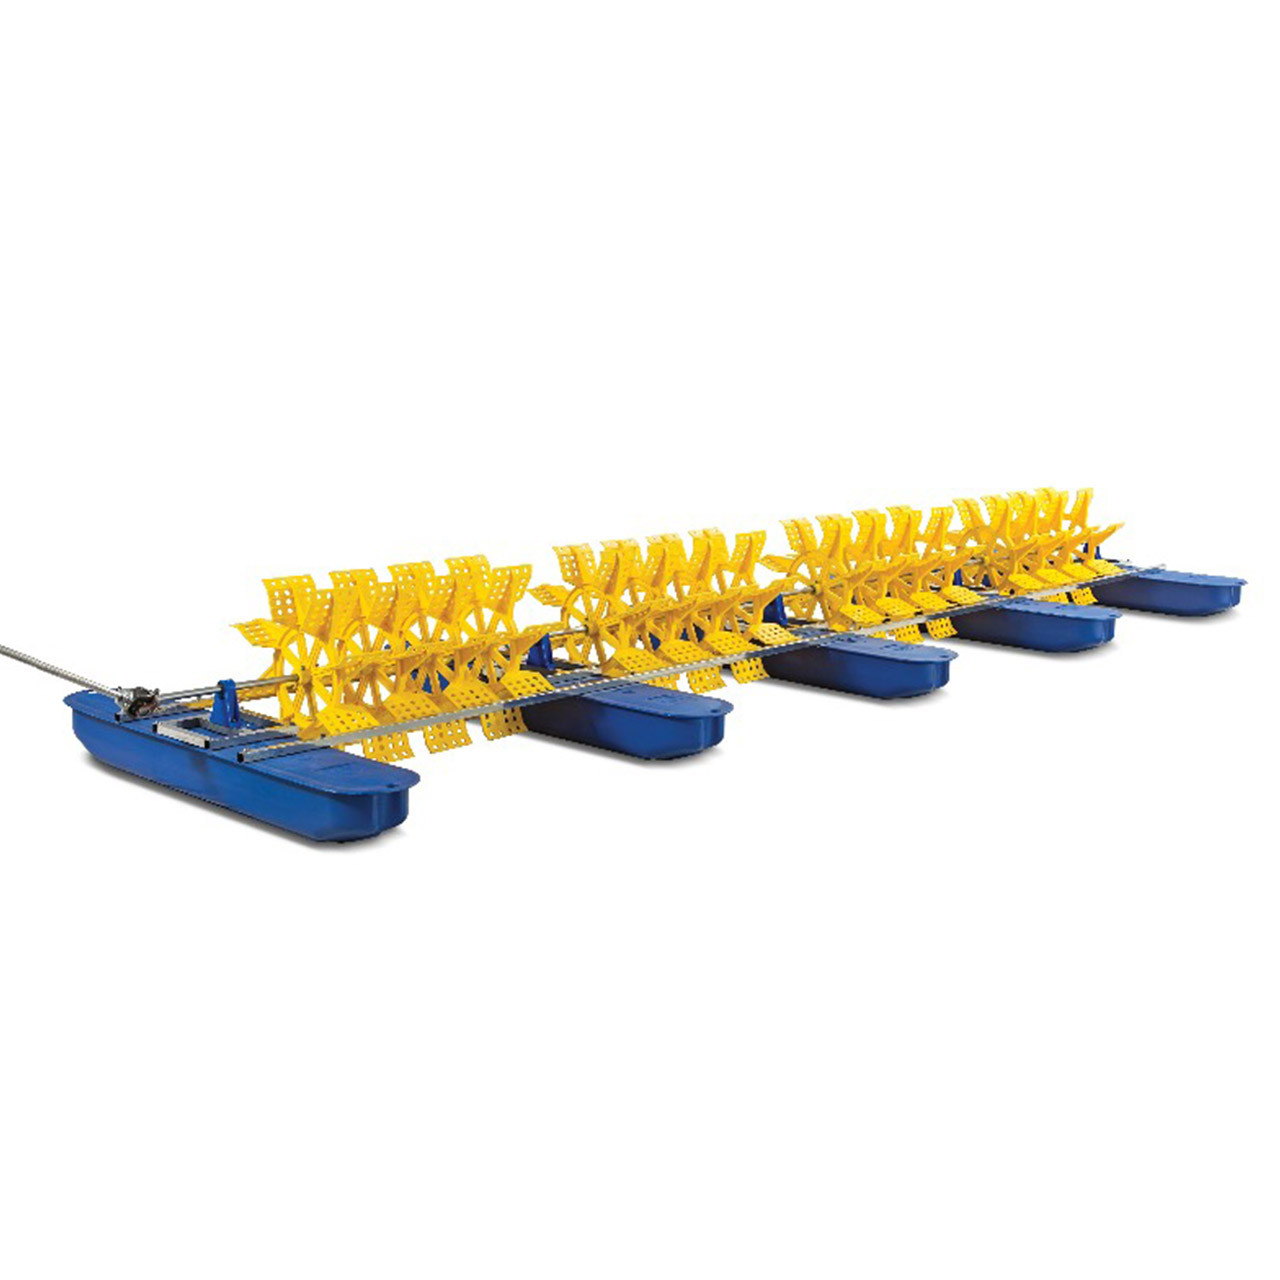 Aireador Maof Madan de 16 Paletas (Ampliacion a doble eje)